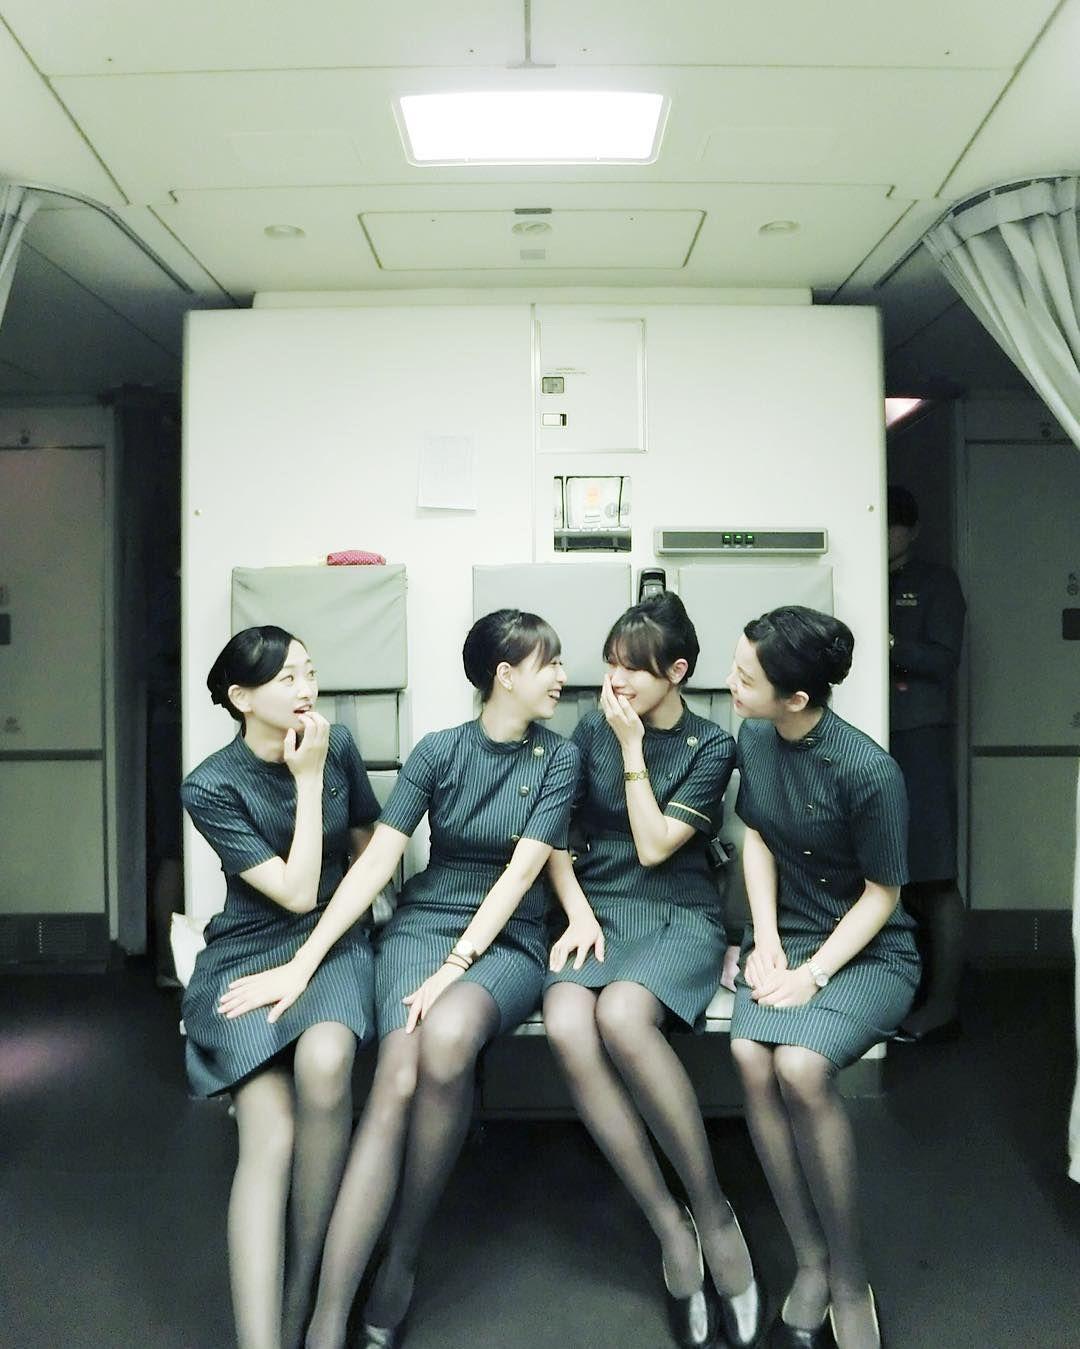 みんな大好き、スチュワーデス・フライトアテンダント・キャビンアテンダント・客室乗務員